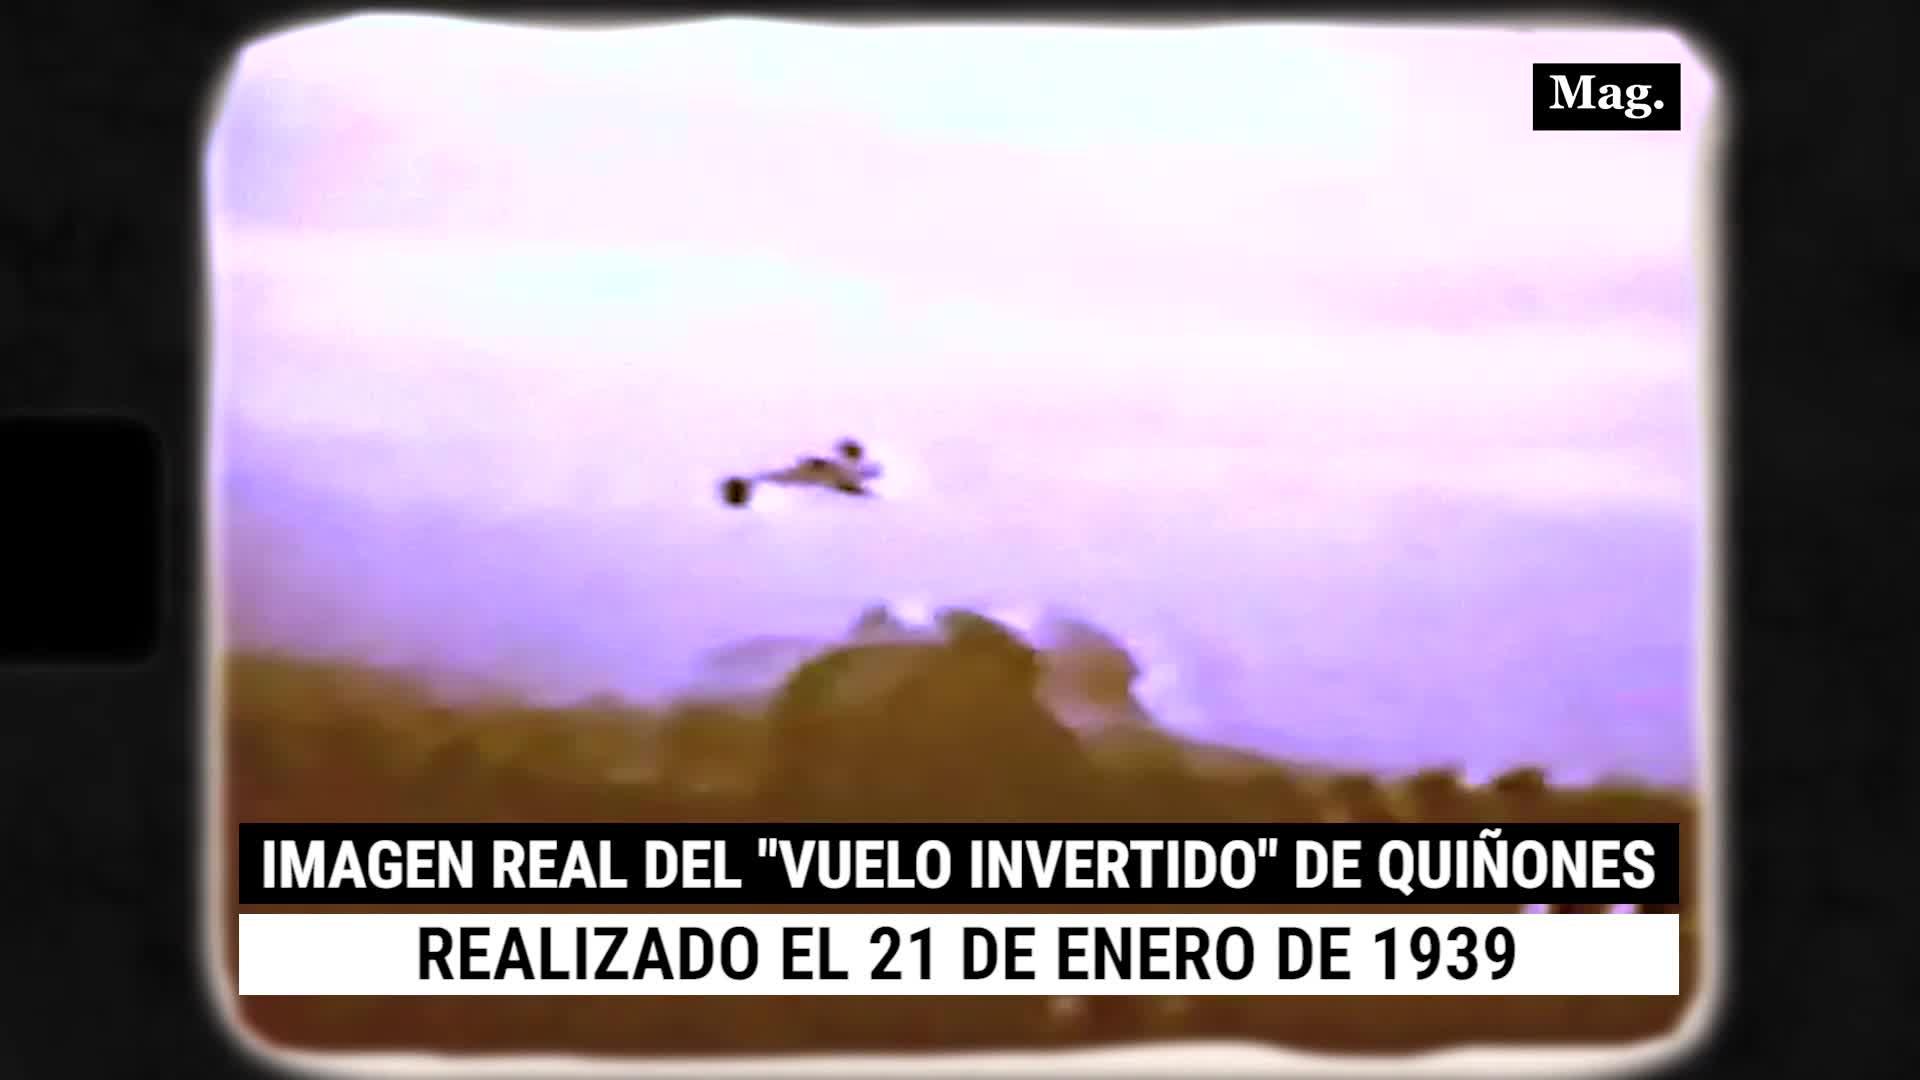 """José Abelardo Quiñones: las imágenes nunca antes vistas de su mítico """"vuelo invertido"""" realizado en 1939"""